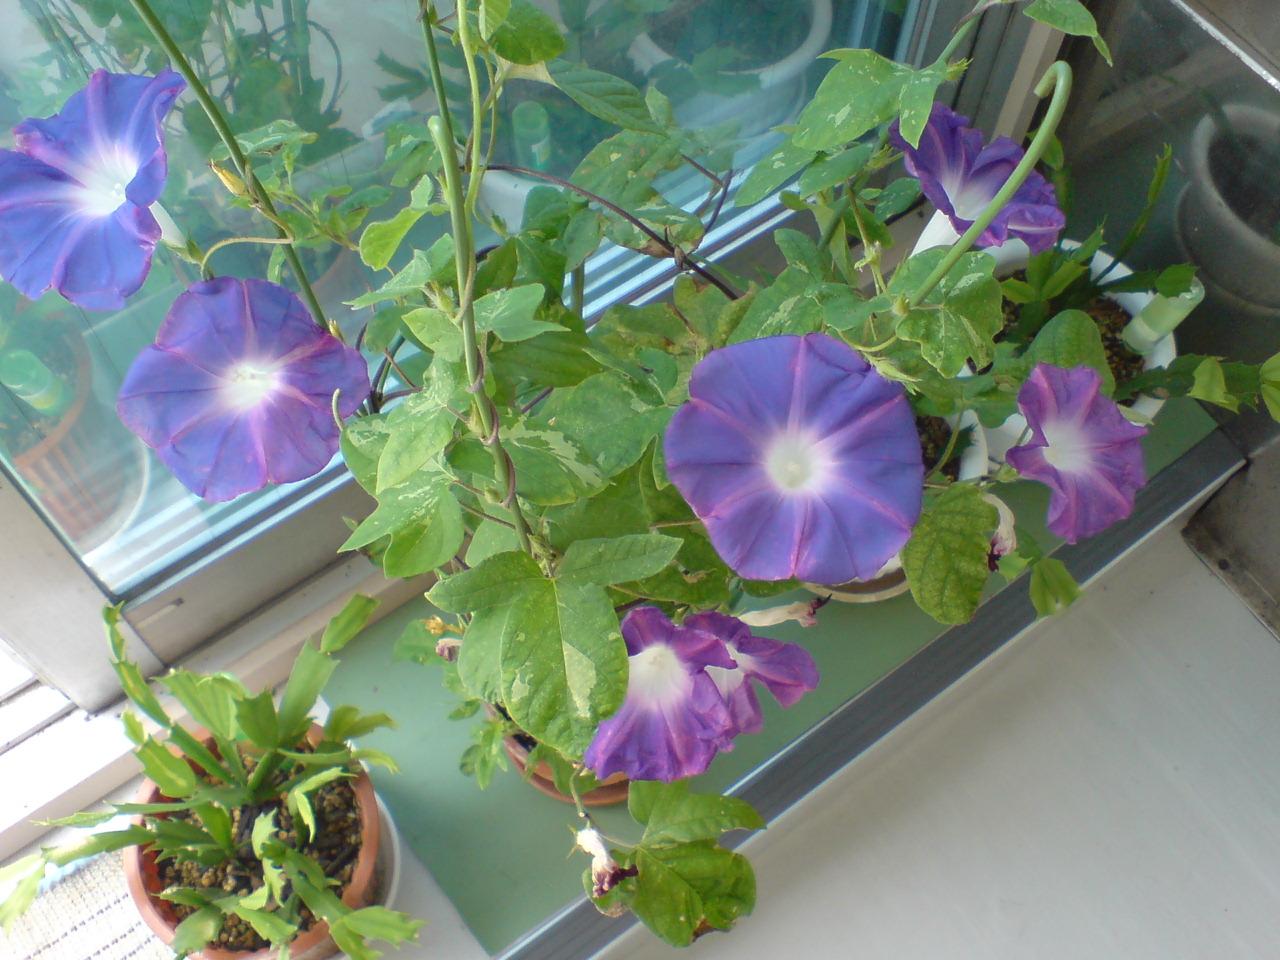 青い朝顔 綺麗にたくさん咲きました。 【朝顔生長(成長)日記の最新記事】 メンテナ...  朝顔